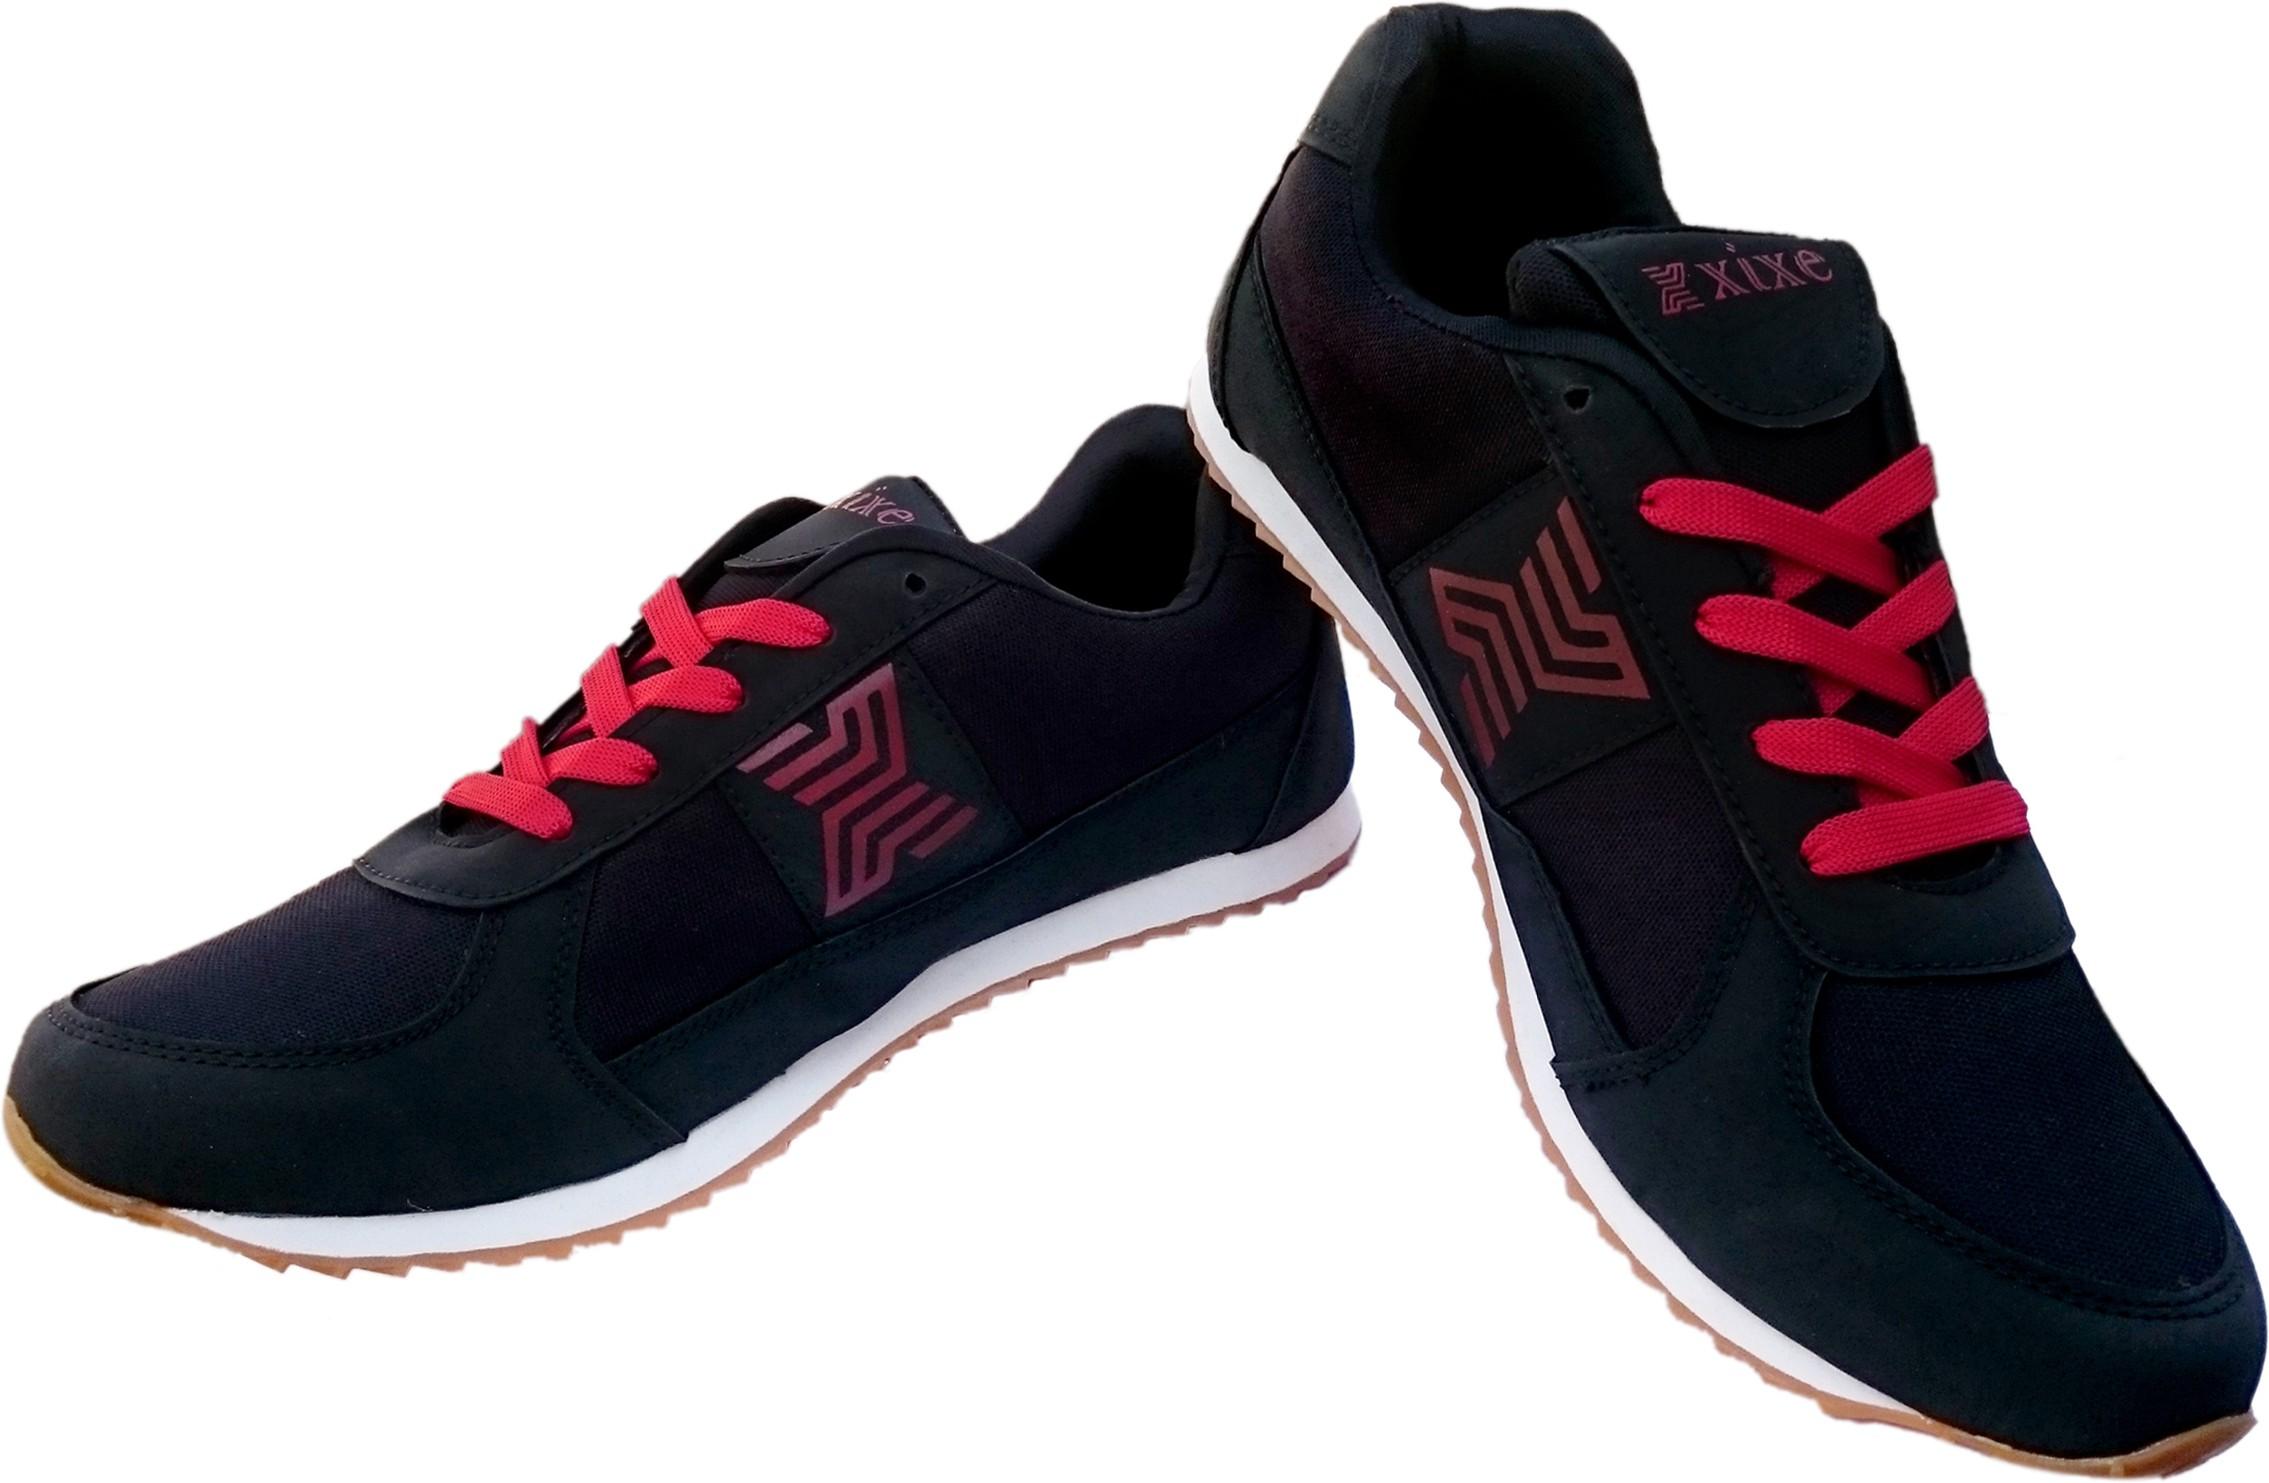 xixe black rd walking shoes running shoes